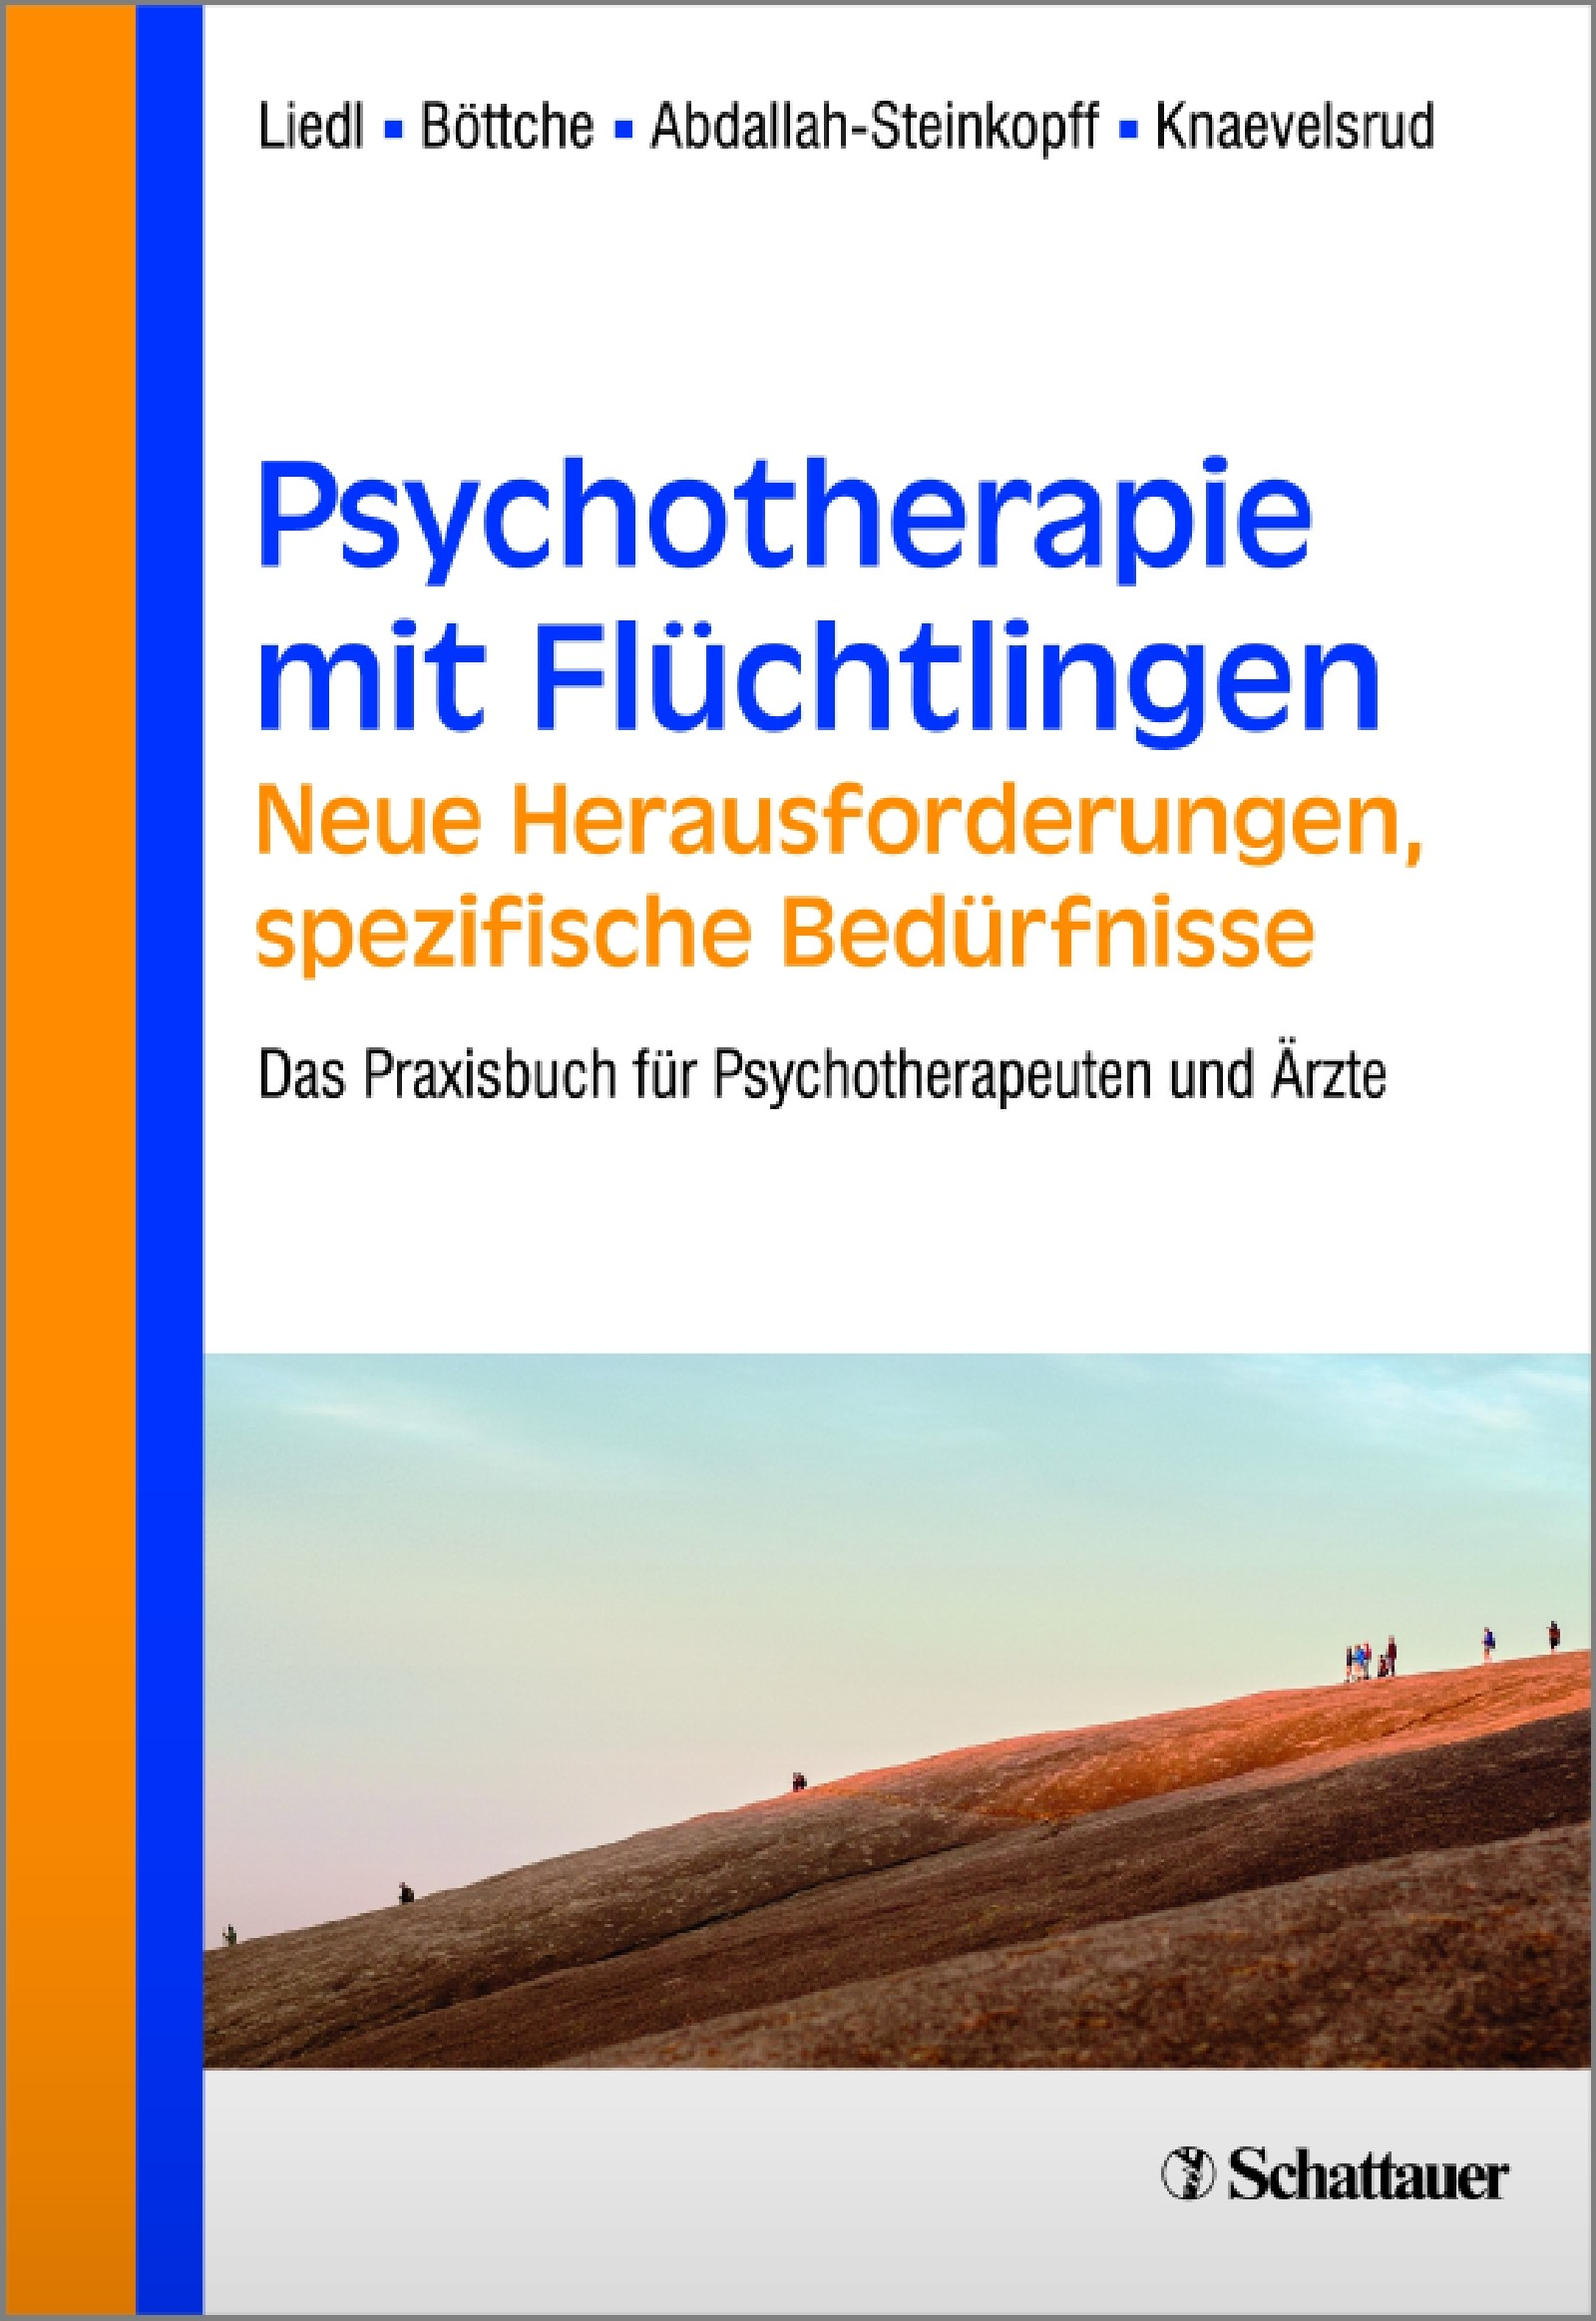 Psychotherapie mit Flüchtlingen - neue Herausforderungen, spezifische Bedürfnisse | Liedl / Böttche / Abdallah-Steinkopff / Knaevelsrud, 2016 | Buch (Cover)